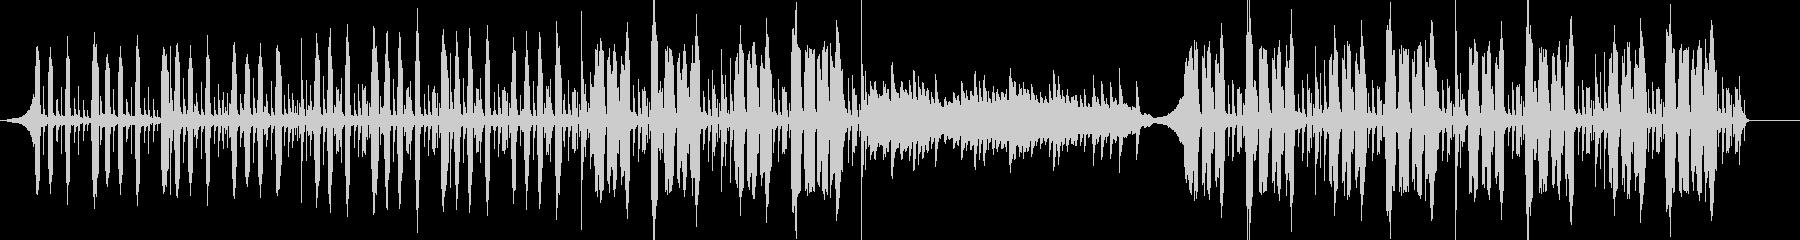 ピアノメインの優しい温かみのあるポップの未再生の波形